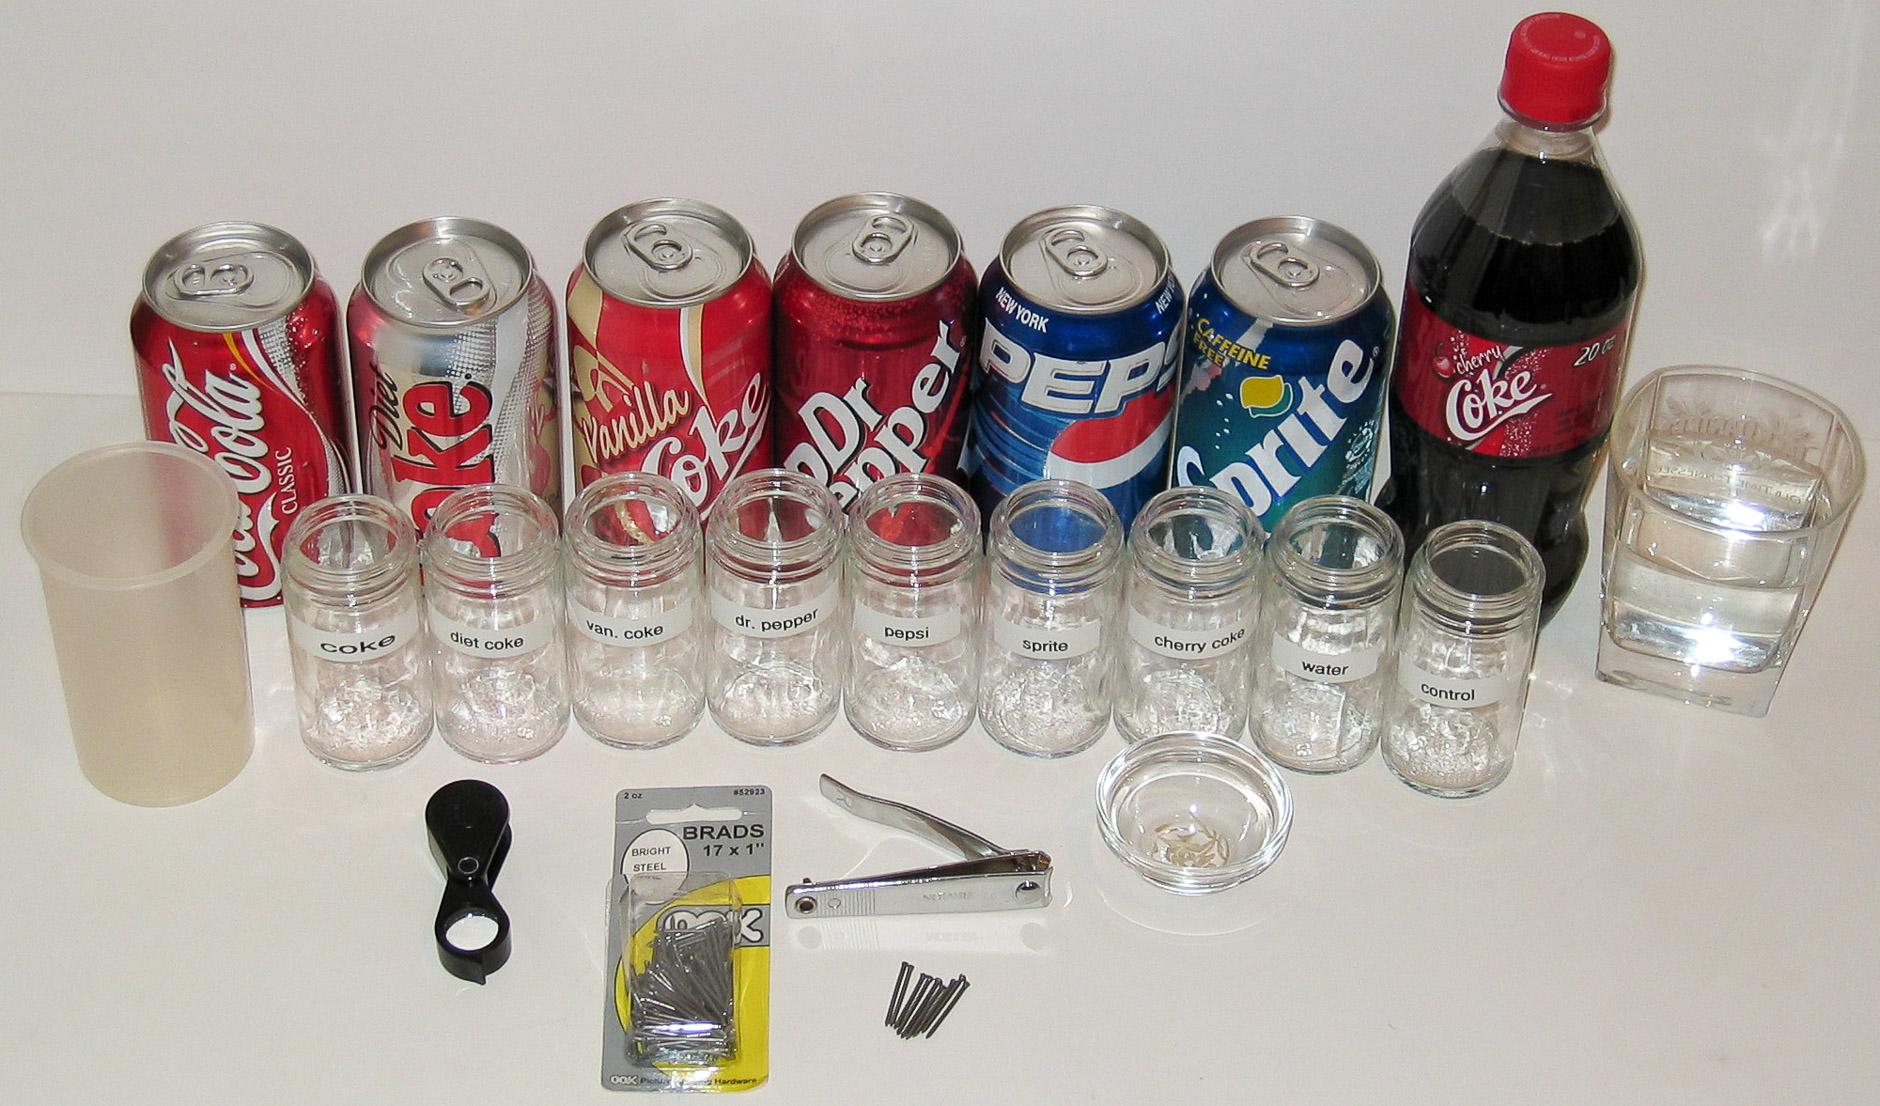 100 keys of coke